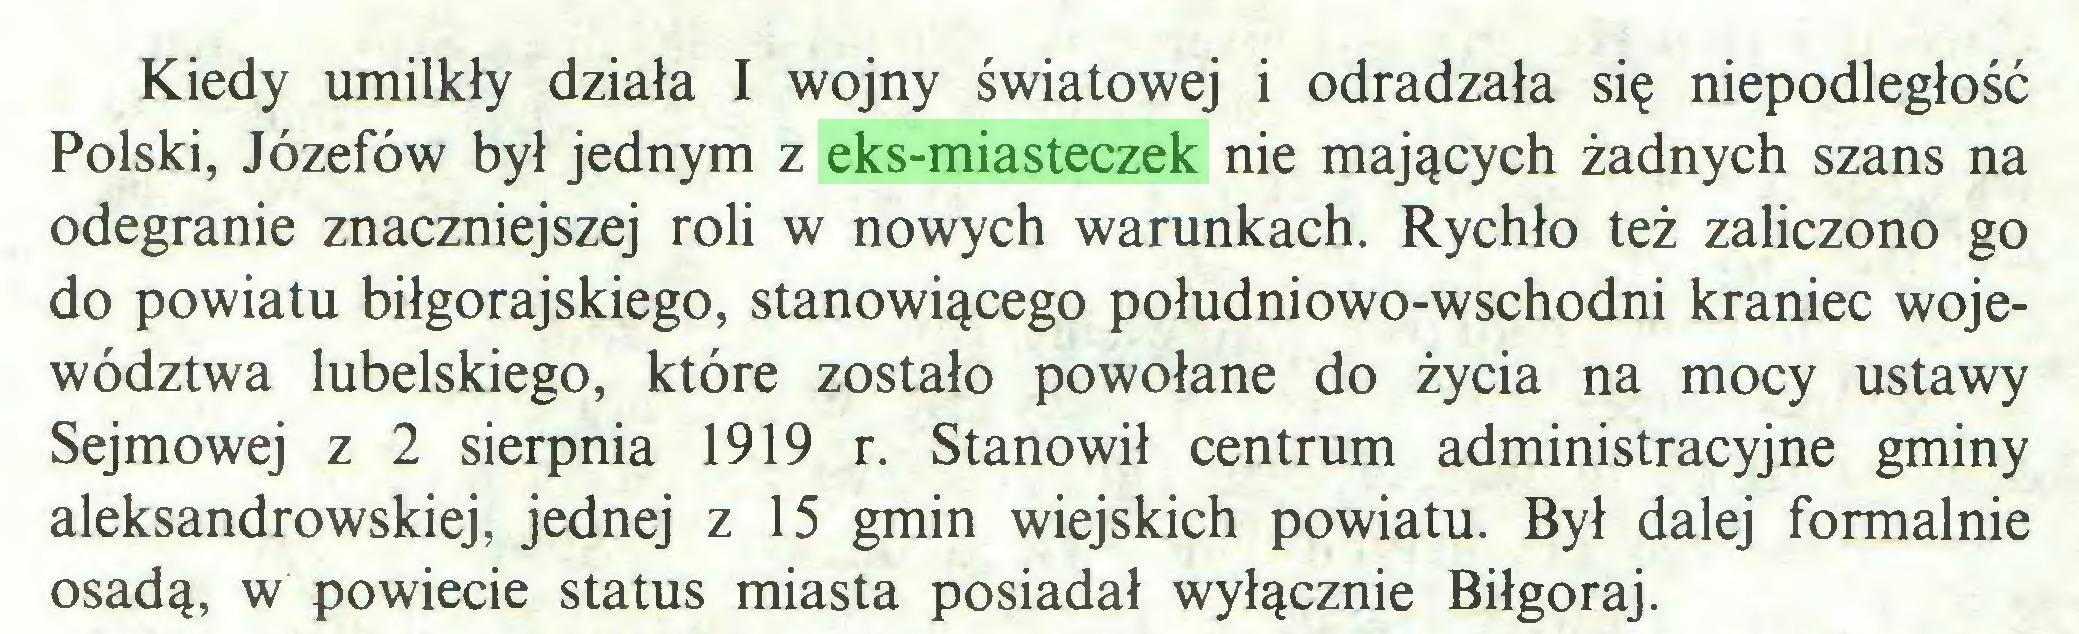 (...) Kiedy umilkły działa I wojny światowej i odradzała się niepodległość Polski, Józefów był jednym z eks-miasteczek nie mających żadnych szans na odegranie znaczniejszej roli w nowych warunkach. Rychło też zaliczono go do powiatu biłgorajskiego, stanowiącego południowo-wschodni kraniec województwa lubelskiego, które zostało powołane do życia na mocy ustawy Sejmowej z 2 sierpnia 1919 r. Stanowił centrum administracyjne gminy aleksandrowskiej, jednej z 15 gmin wiejskich powiatu. Był dalej formalnie osadą, w powiecie status miasta posiadał wyłącznie Biłgoraj...